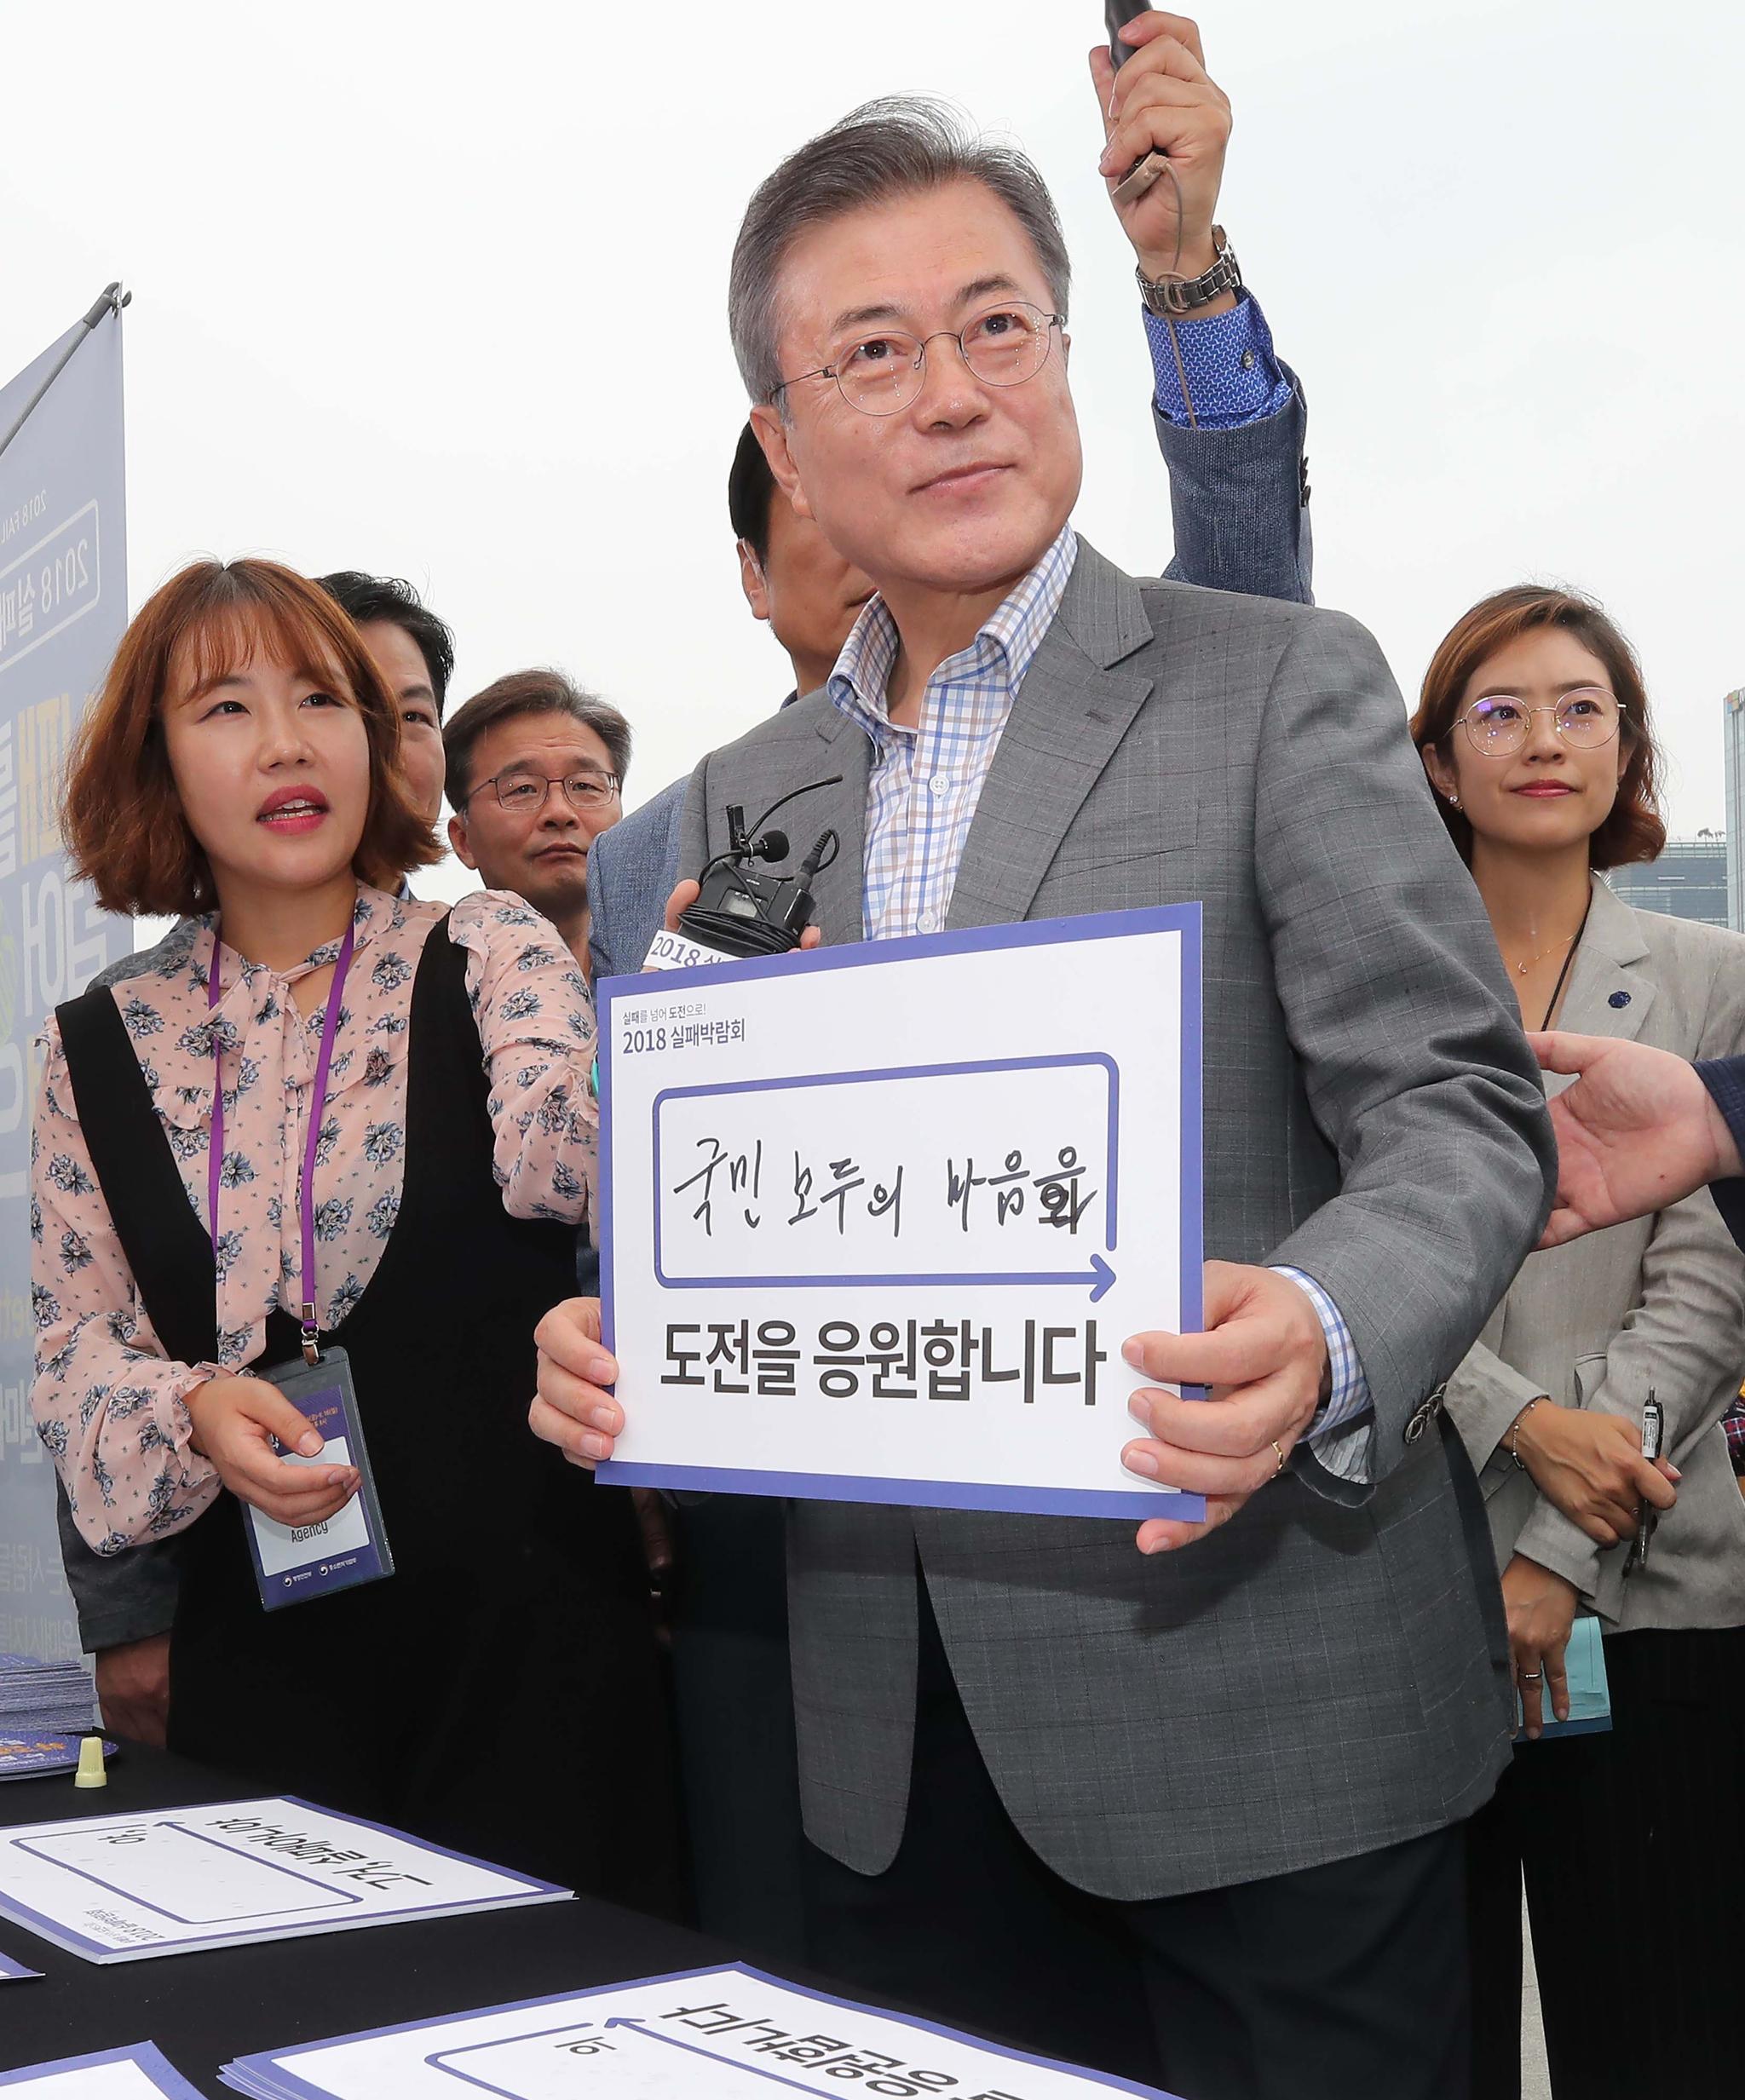 문재인 대통령이 16일 오후 서울 종로구 광화문 광장 일대에서 열린 2018 실패박람회를 방문해 직접 작성한 희망 메시지를 들어 보이고 있다. [뉴시스]